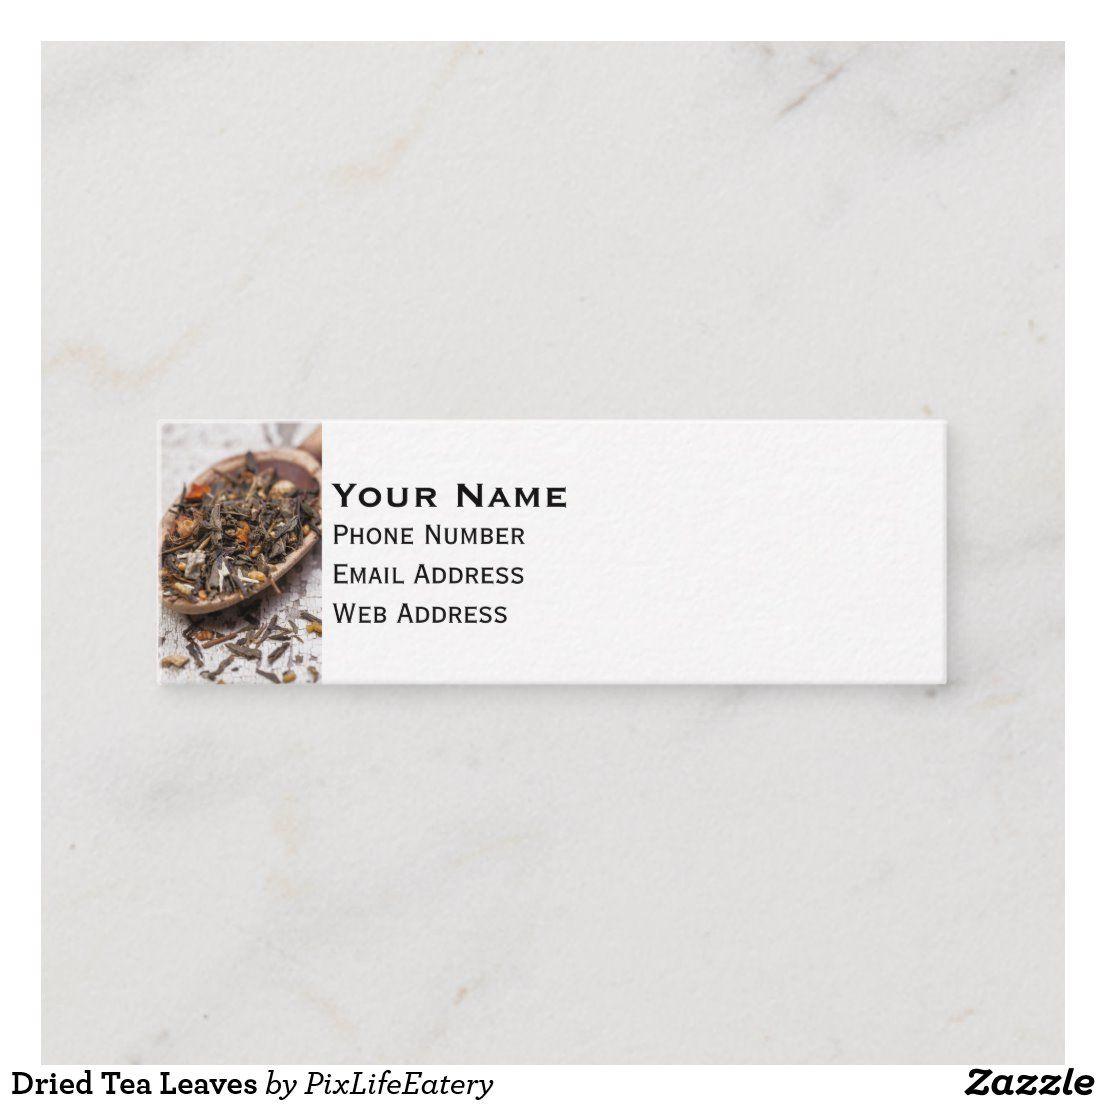 Dried Tea Leaves Mini Business Card Zazzle Com Mini Business Card Tea Leaves Business Cards